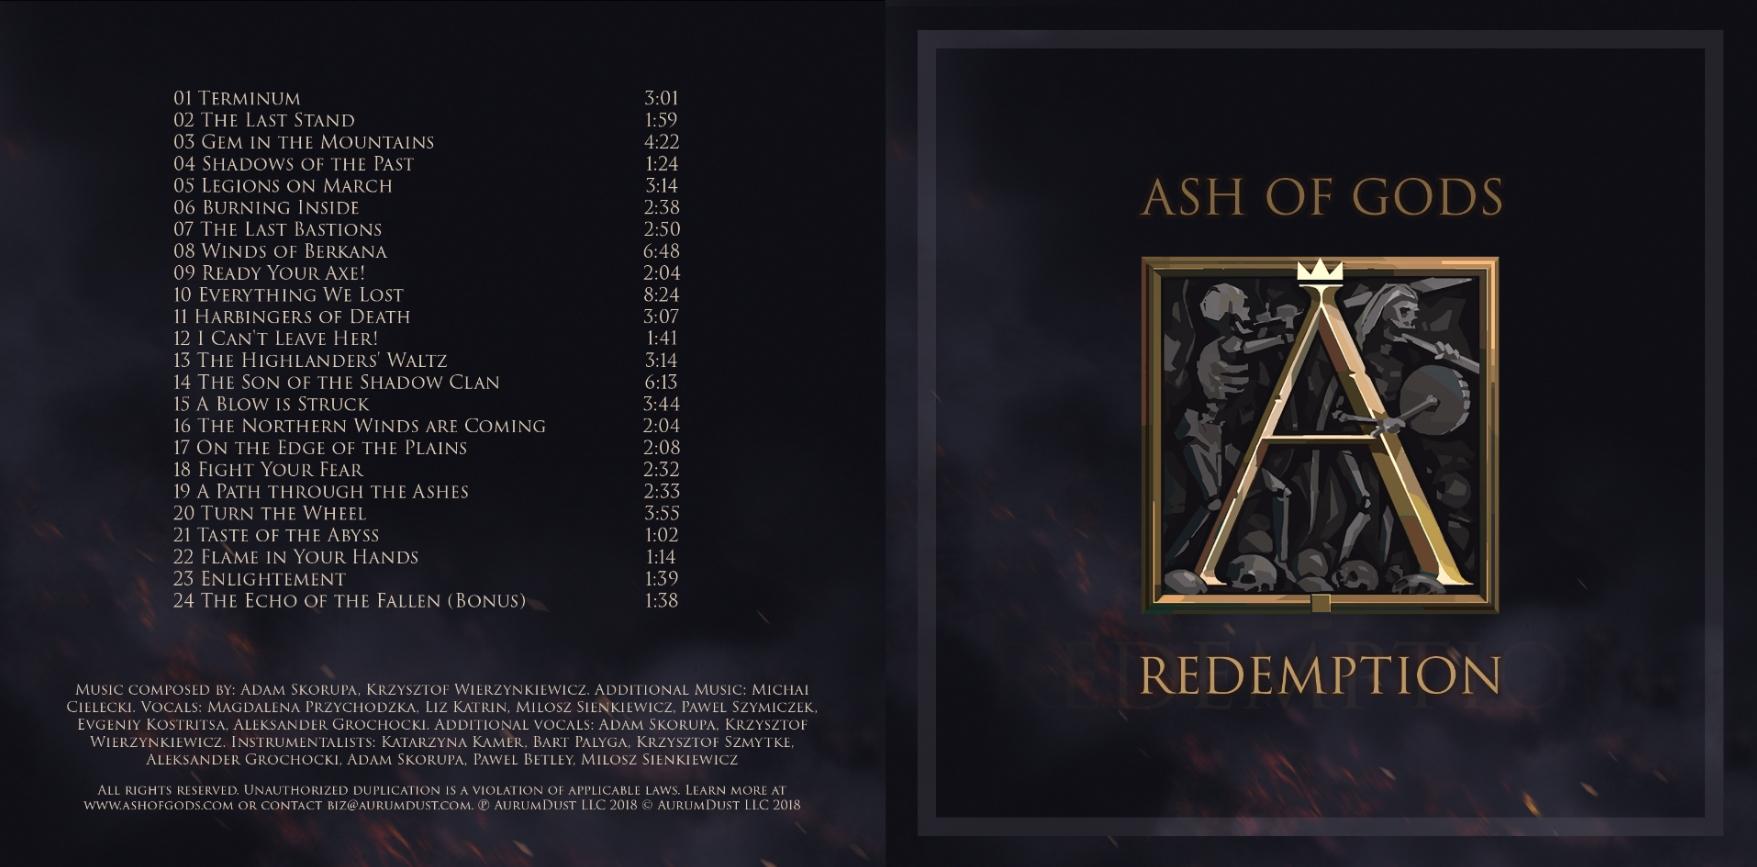 Ash oа Gods OST cover